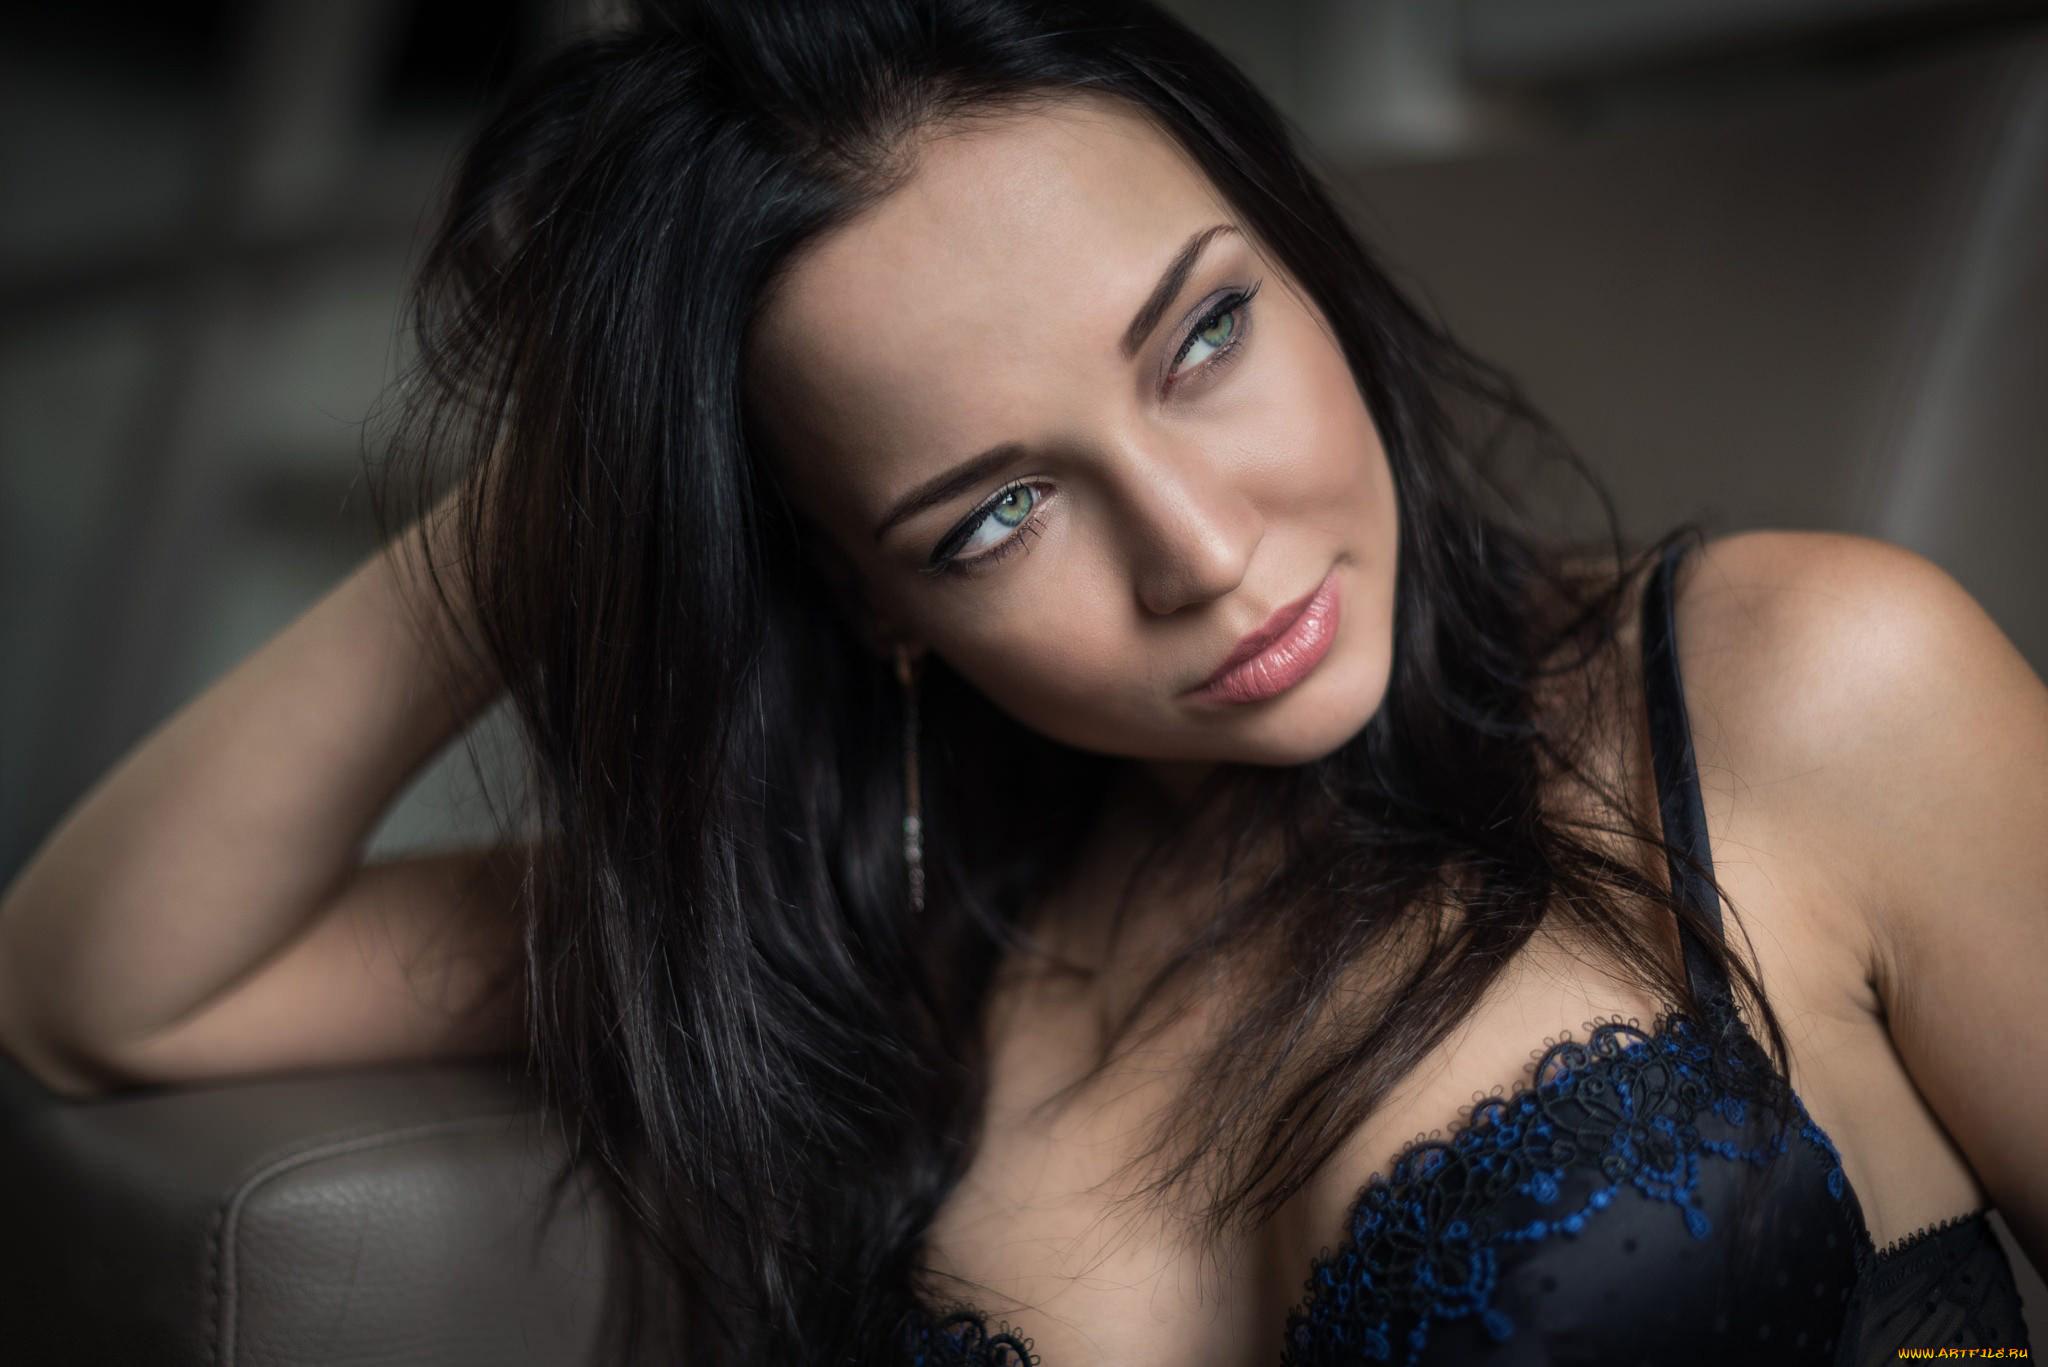 Русская красотка ангелина, Русское порно с Анжелика - смотреть онлайн бесплатно 4 фотография